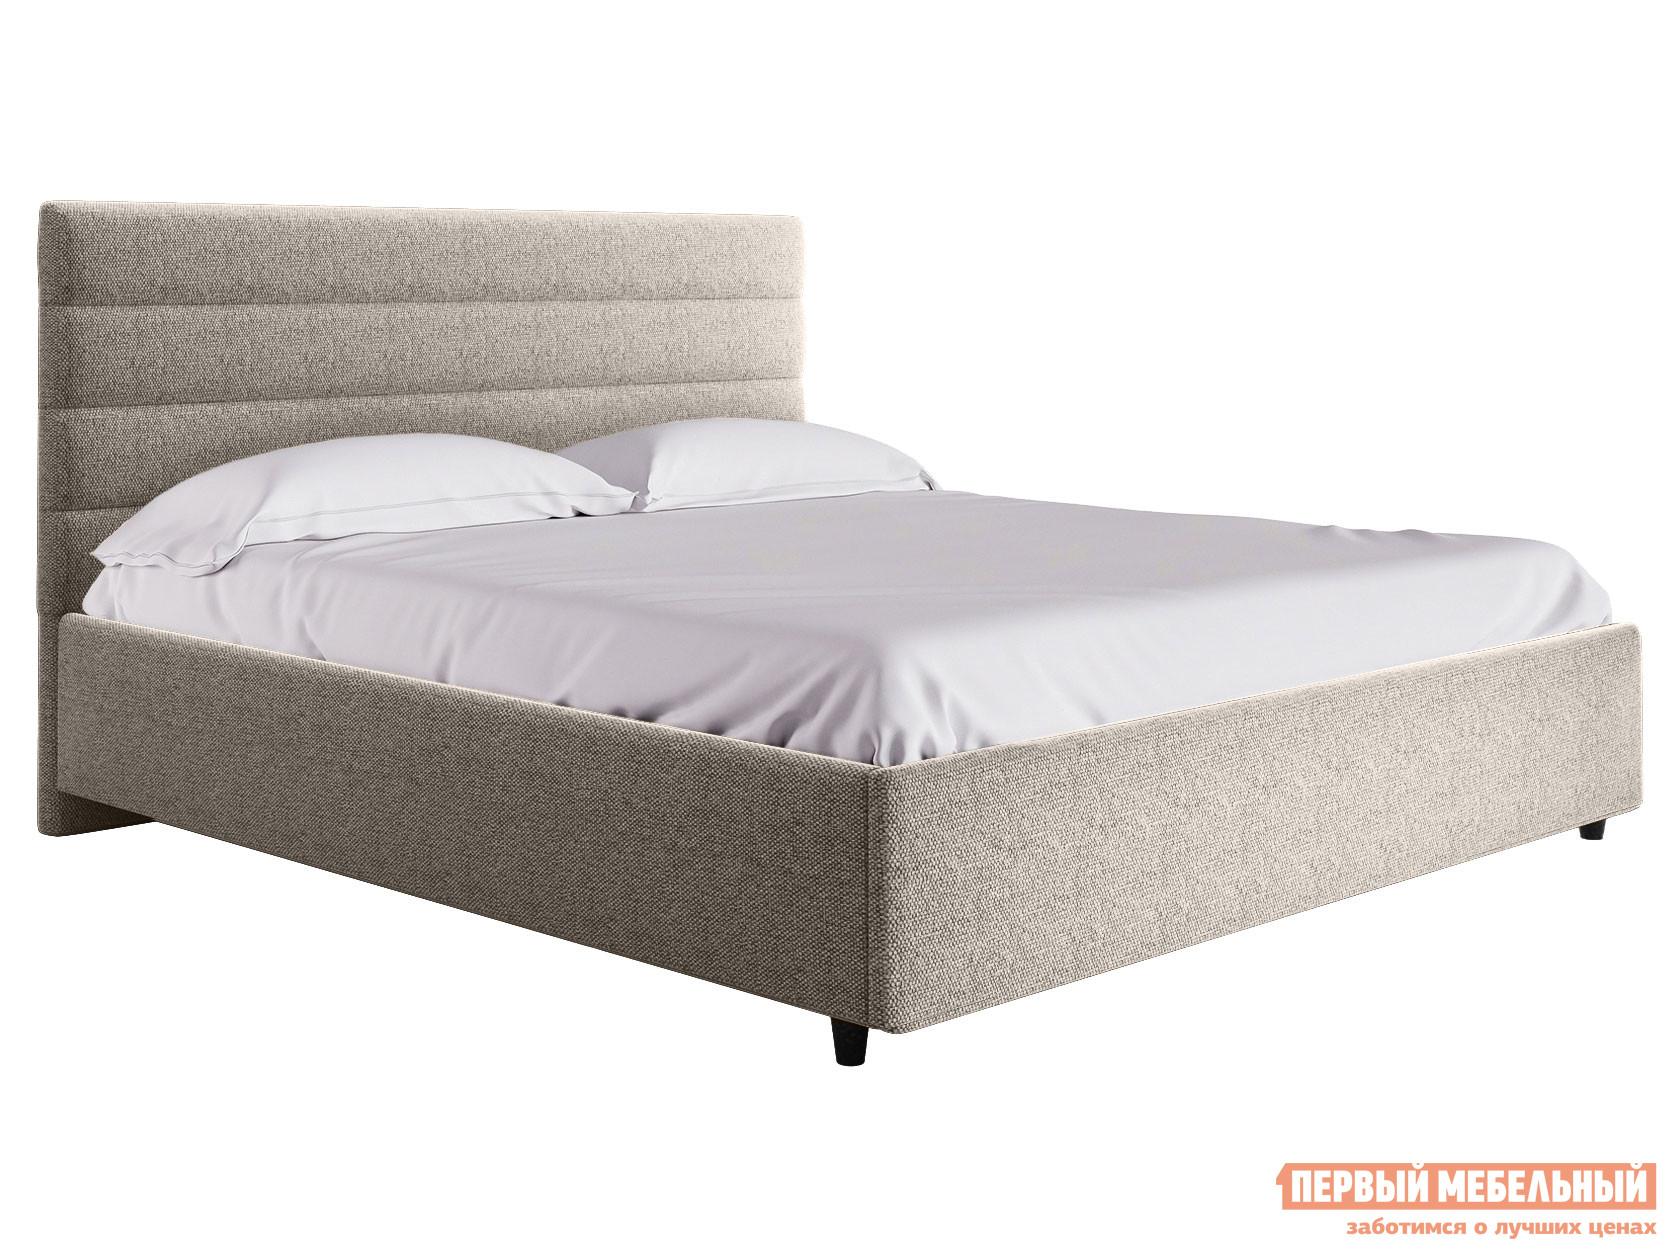 Двуспальная кровать  Кровать с подъемным механизмом Франческа ПМ Серый, рогожка, 1800 Х 2000 мм